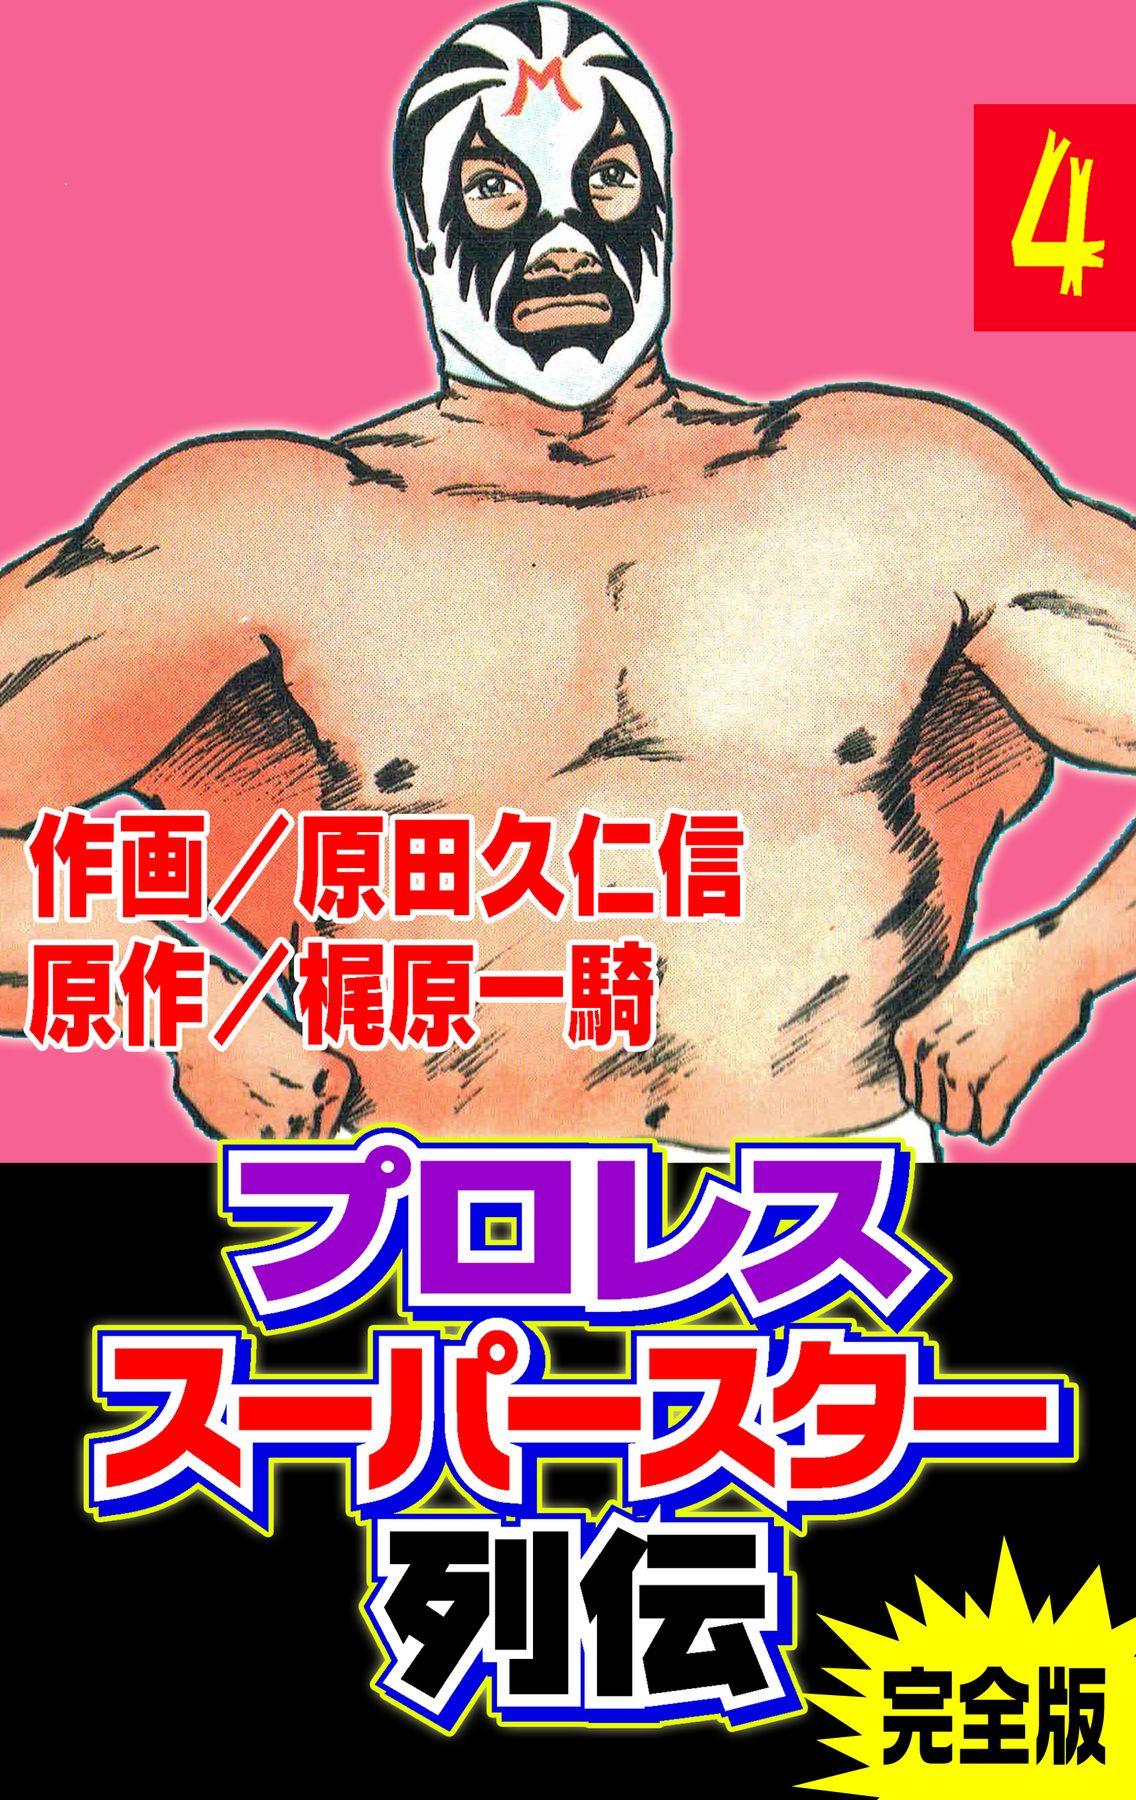 プロレススーパースター列伝【完全版】(第4巻)